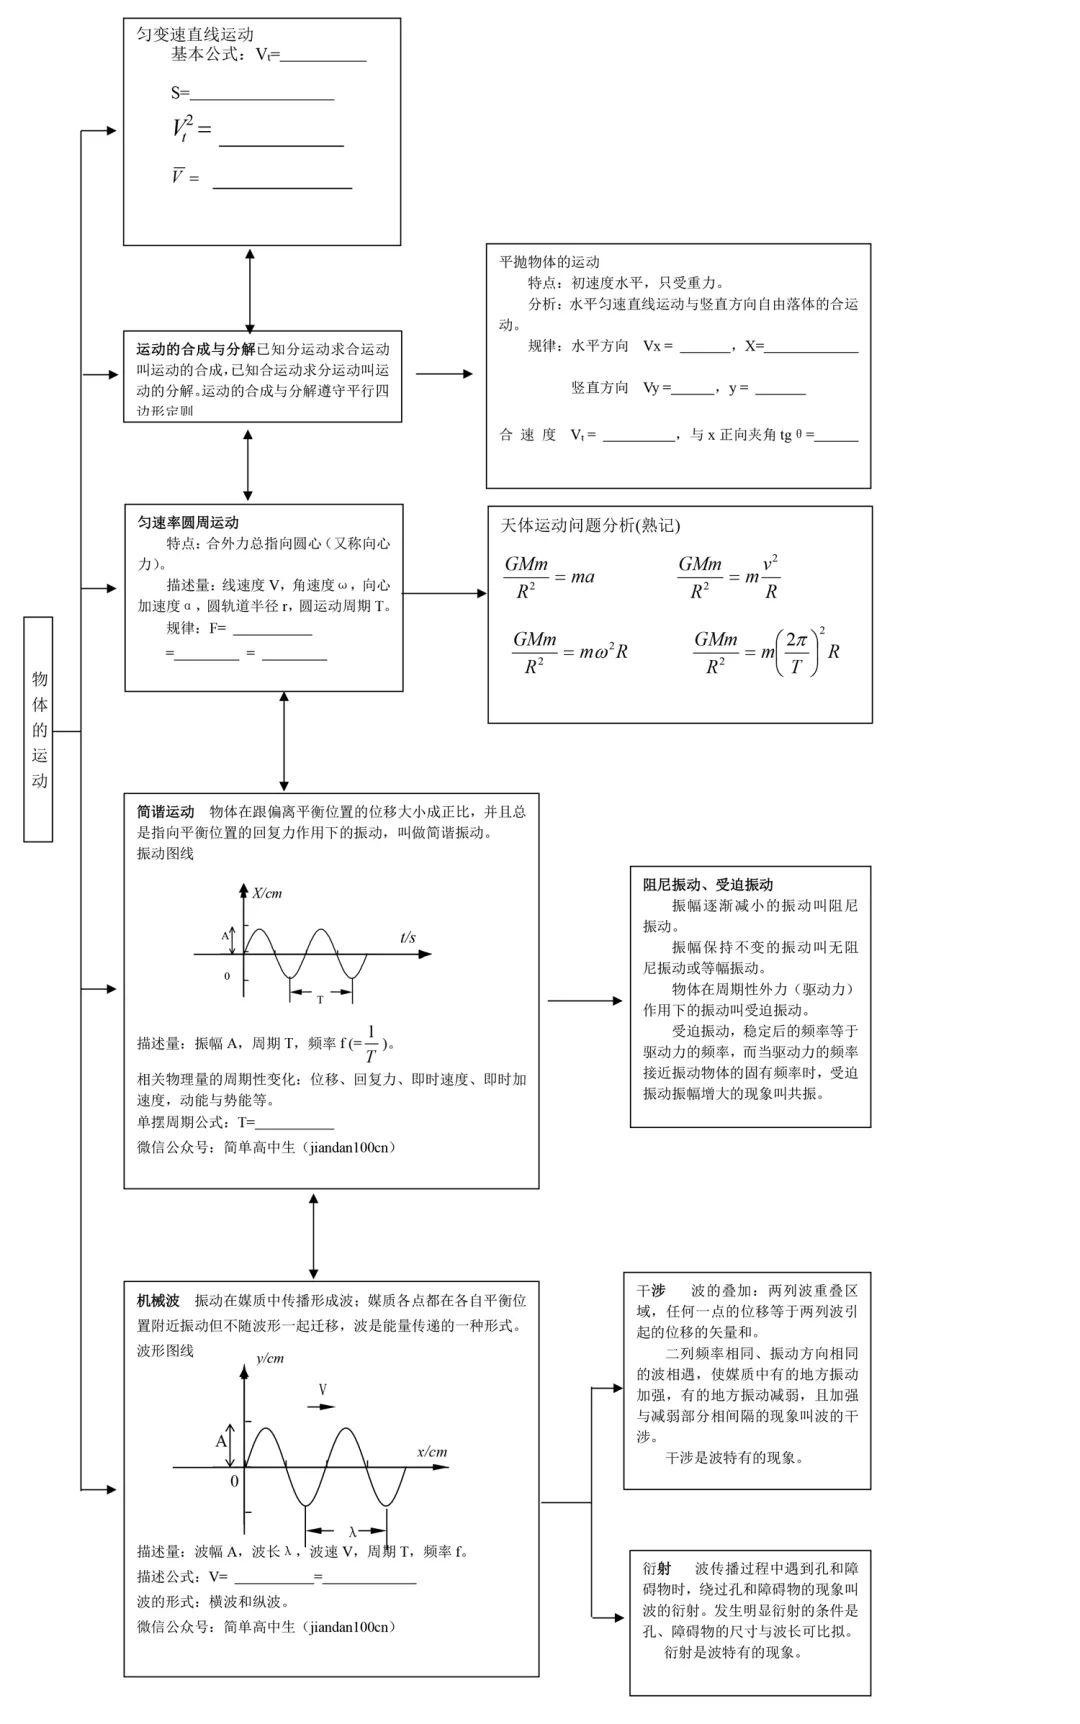 最全高中物理知识框架图整理分享